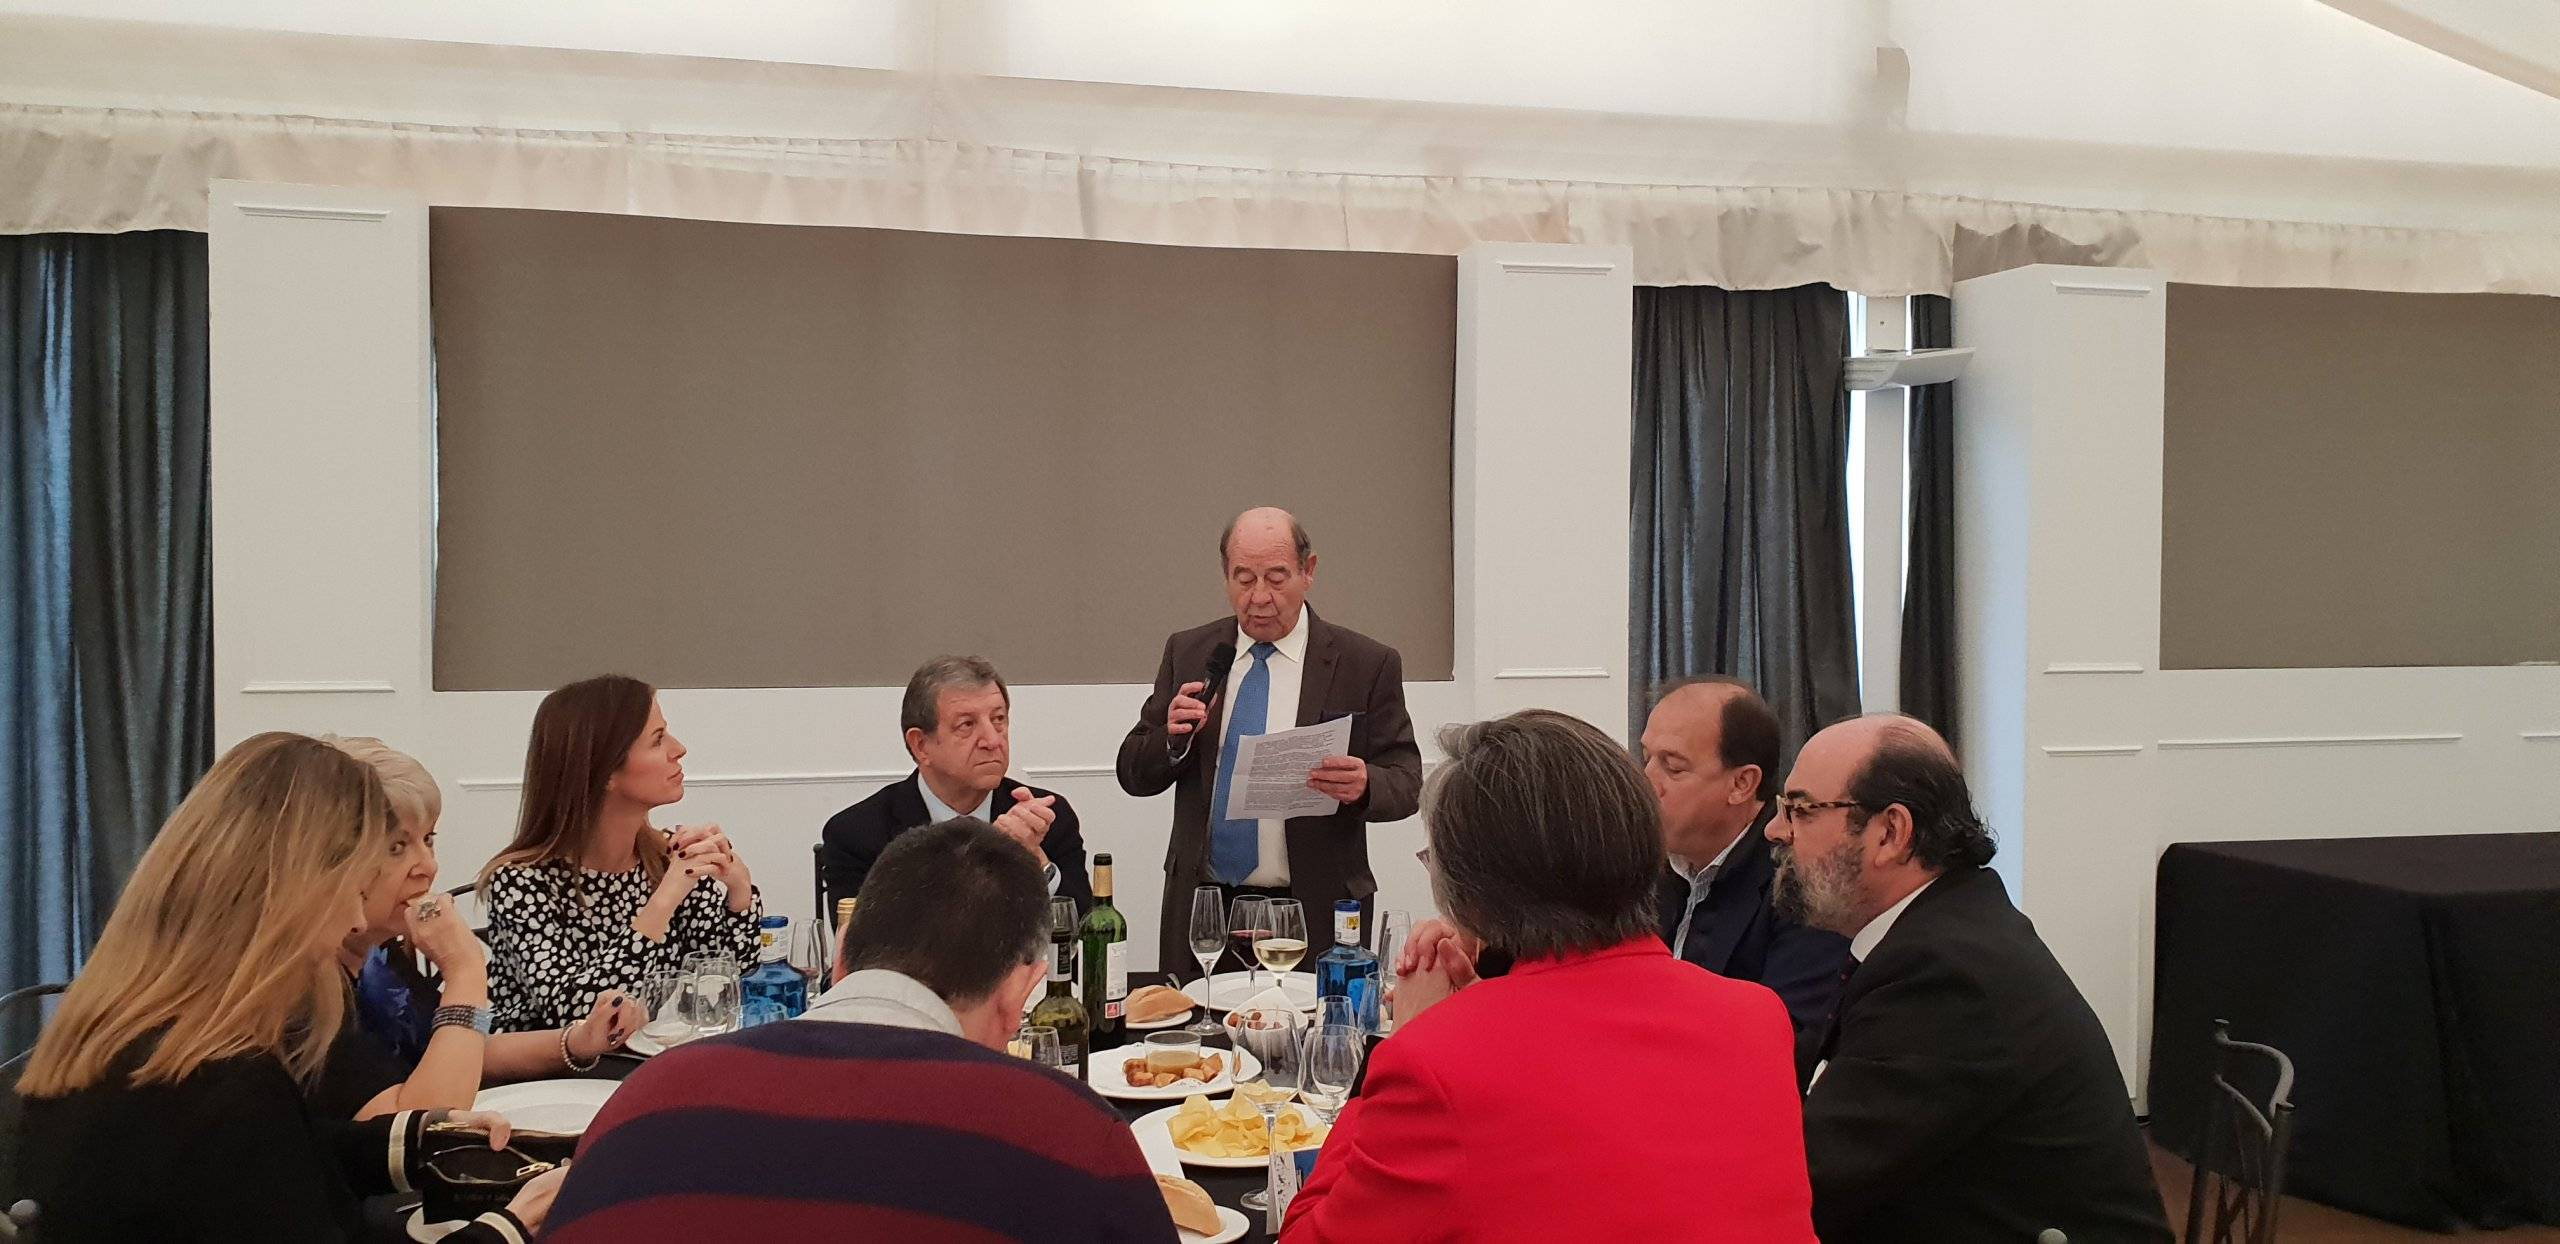 El alcalde, Luis Partida, y concejales escuchando la intervención del presidente de la Asociación de Mayores del municipio , Enrique Gutiérrez.